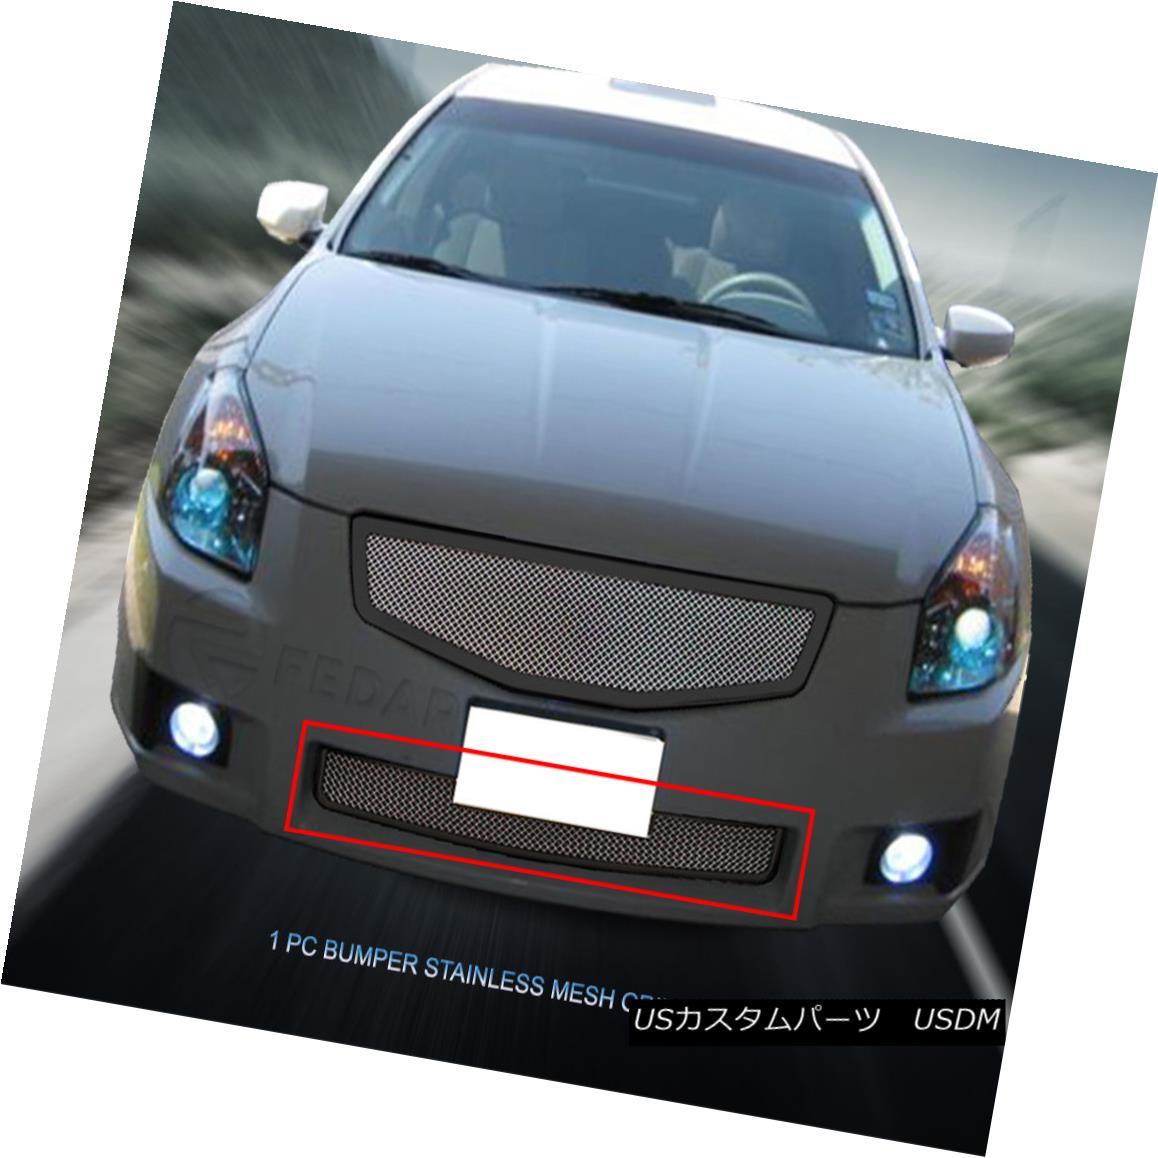 グリル Fedar Fits 2007-2008 Nissan Maxima Polished/Black Bolton Wire Mesh Grille Insert Fedar Fits 2007-2008日産マキシマポリッシュ/ブラックボルトンワイヤーメッシュグリルインサート